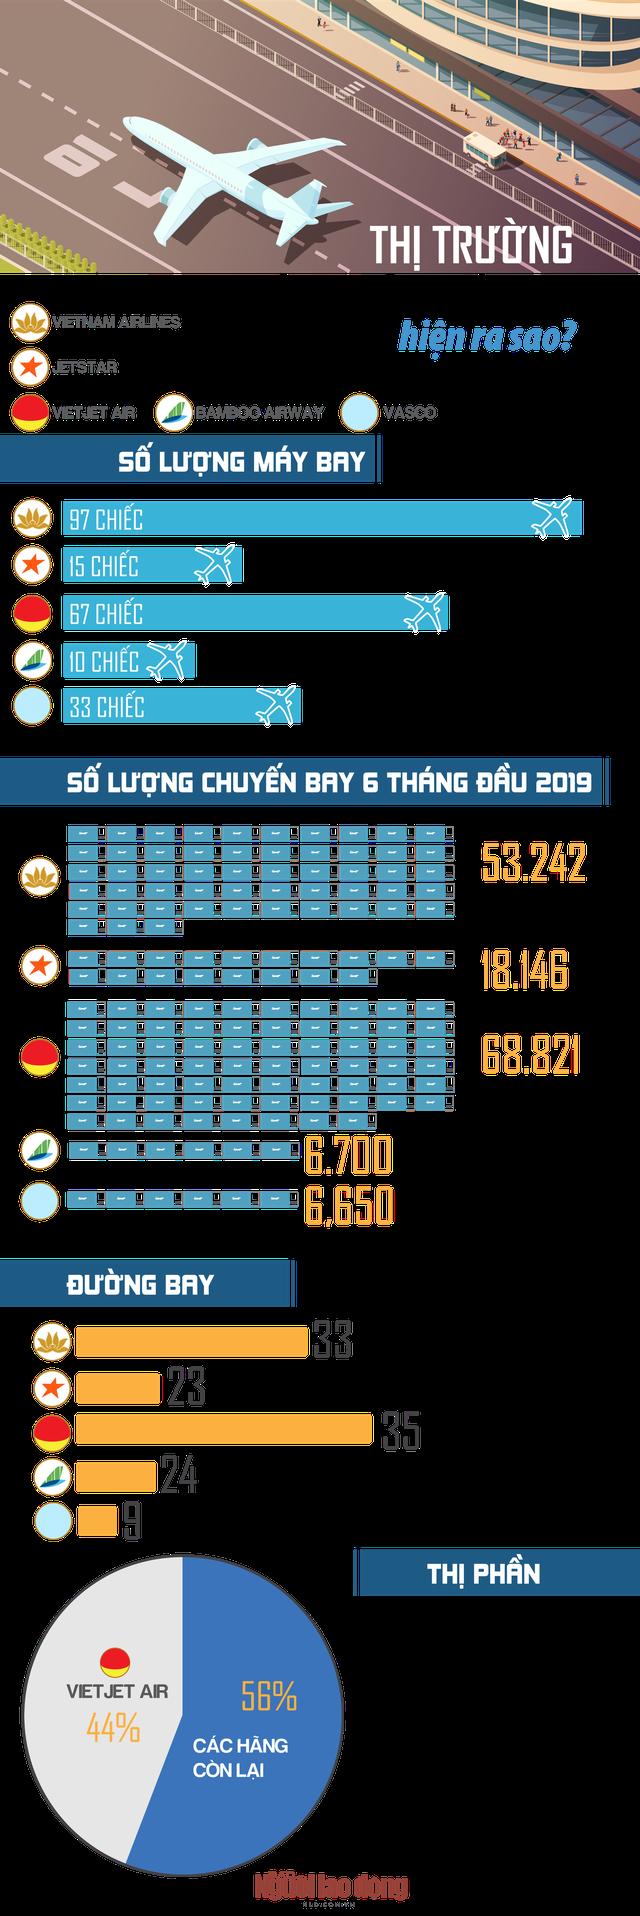 [Infographic] - Thị trường hàng không Việt Nam hiện ra sao? - Ảnh 1.